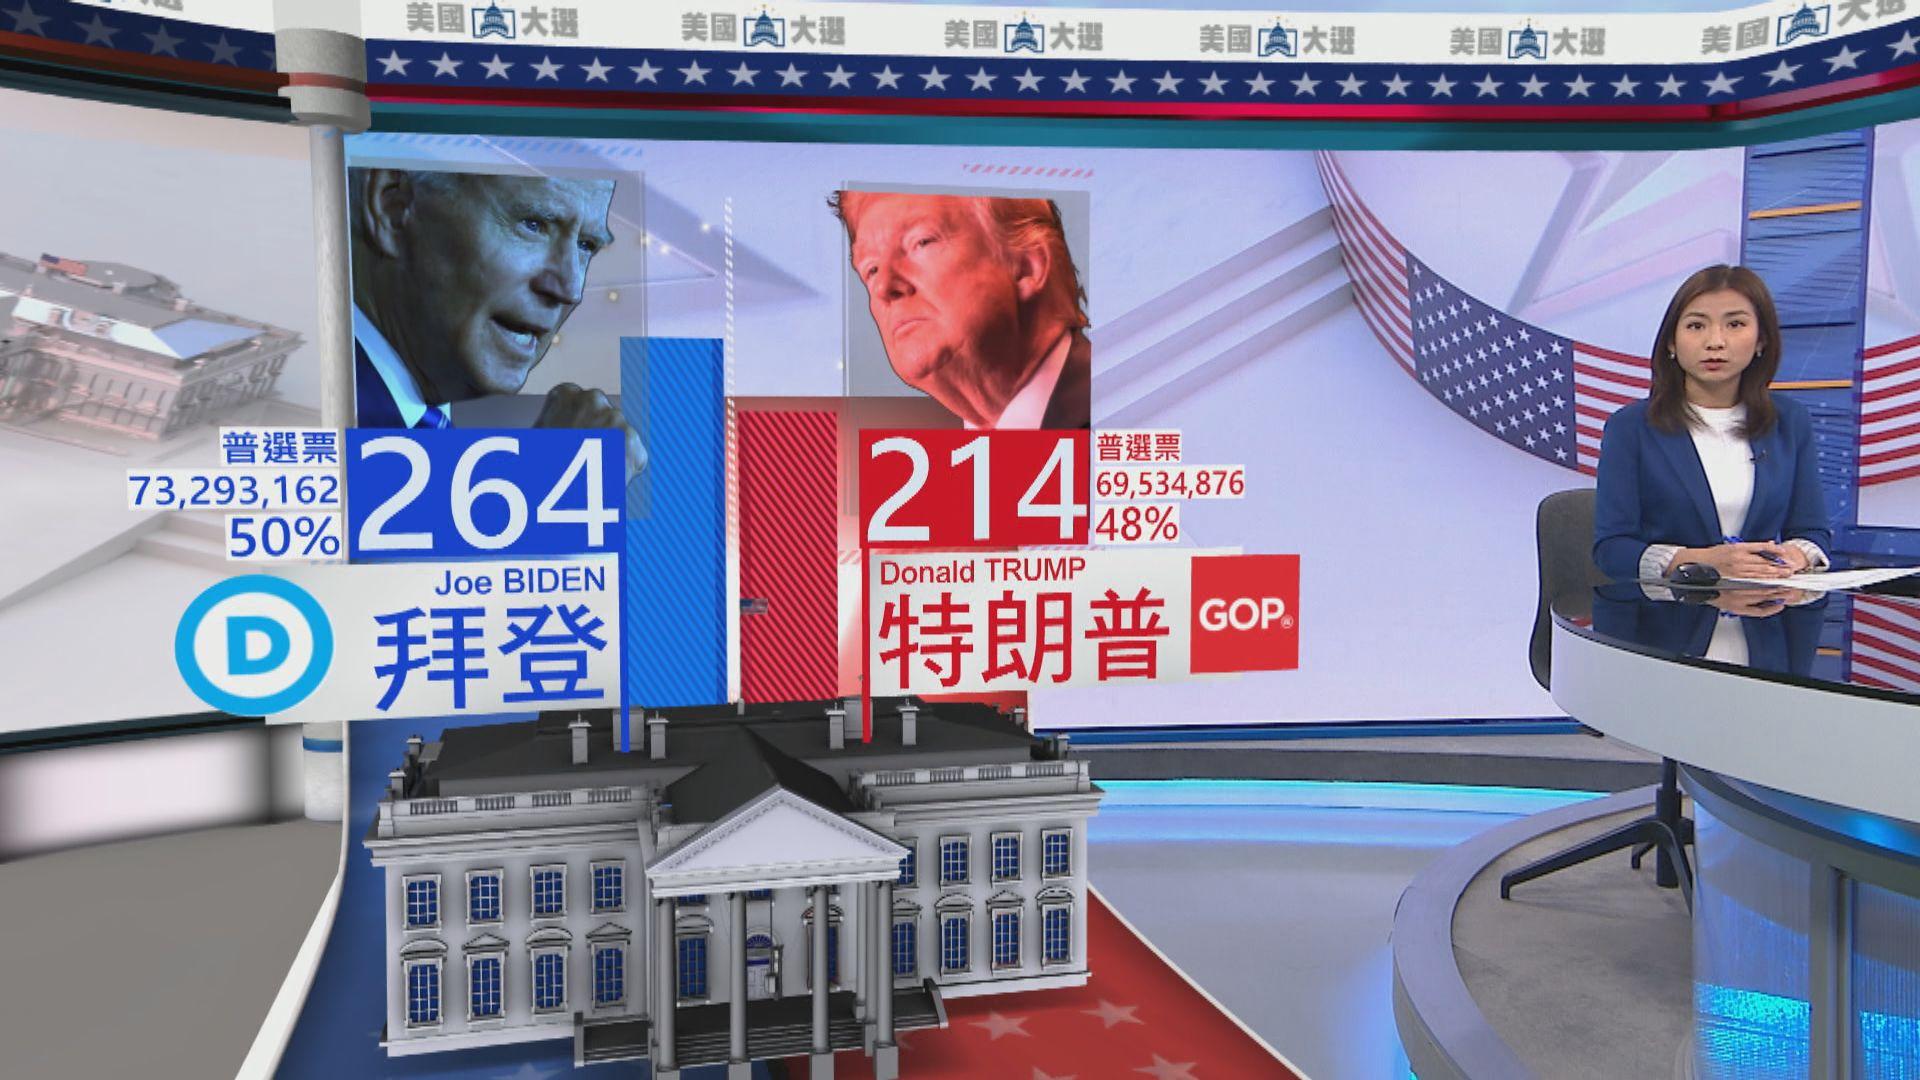 拜登比特朗普多370幾萬張普選票